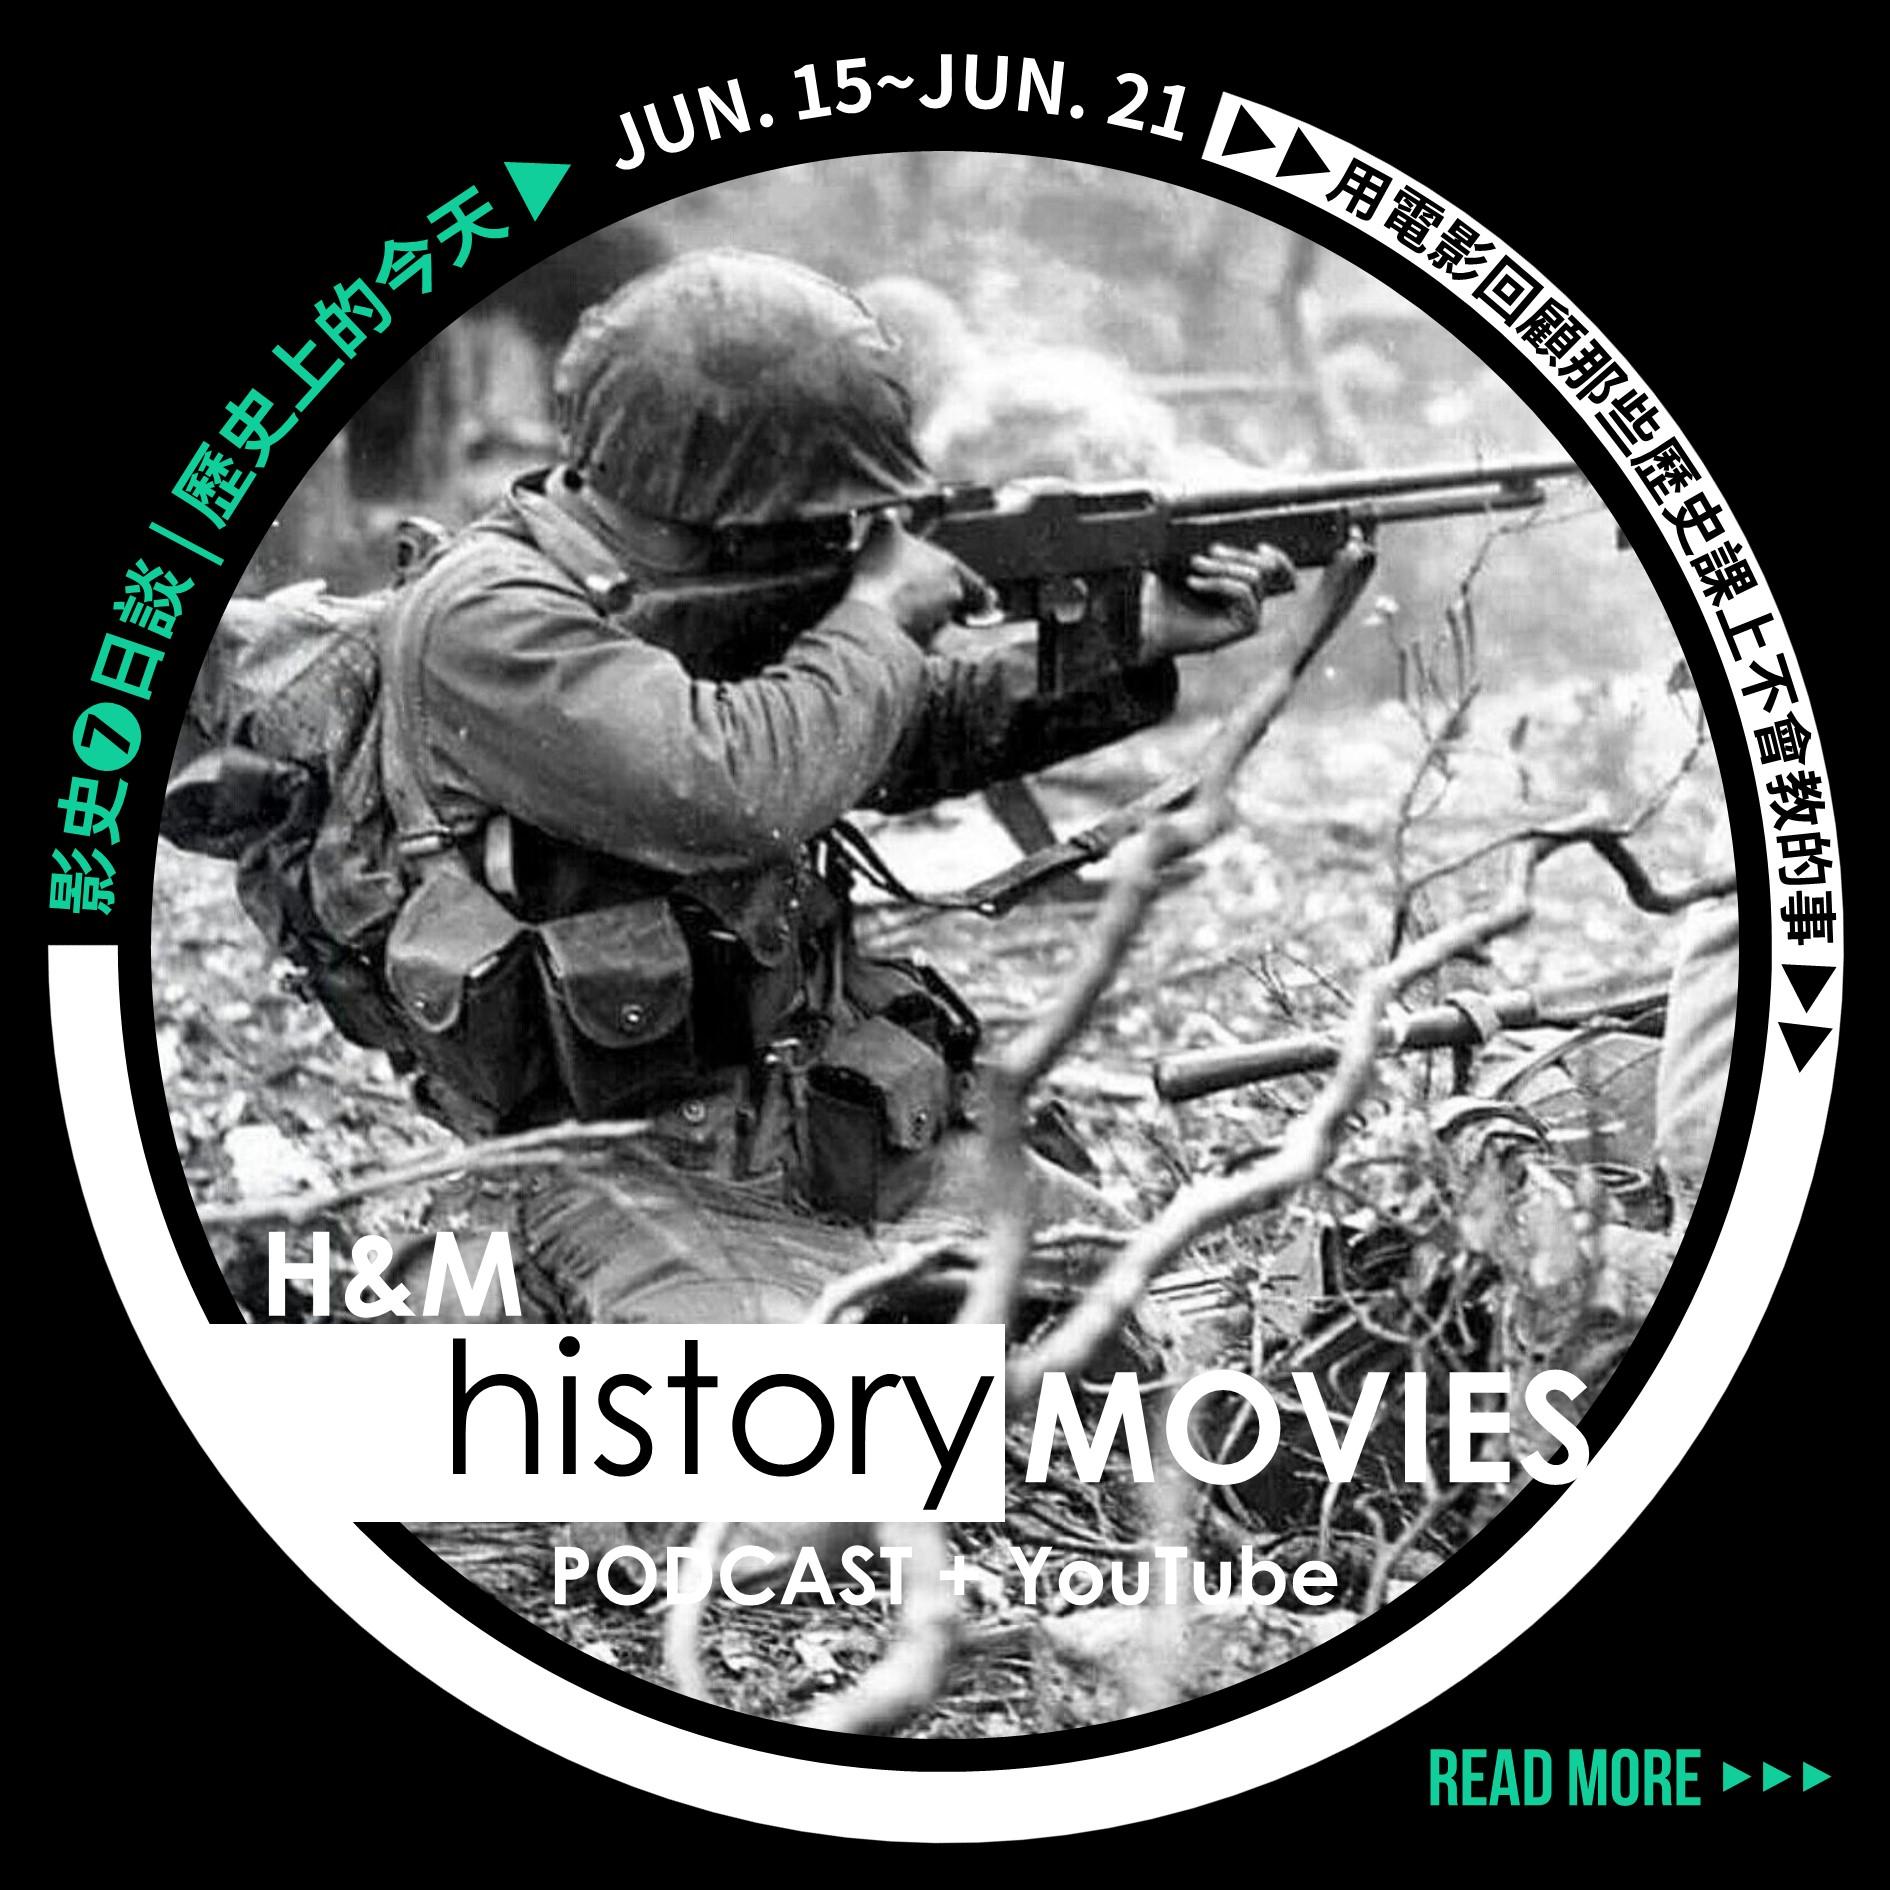 【影史7日談】EP. 14 用電影回顧那些歷史課不會教的事 - 6/15 ~ 6/21 | 塞班島戰役、驚魂記、OJ辛普森、曼哈頓計畫、加菲貓、網球場宣言、本能寺之變 | XXY + 金老ㄕ